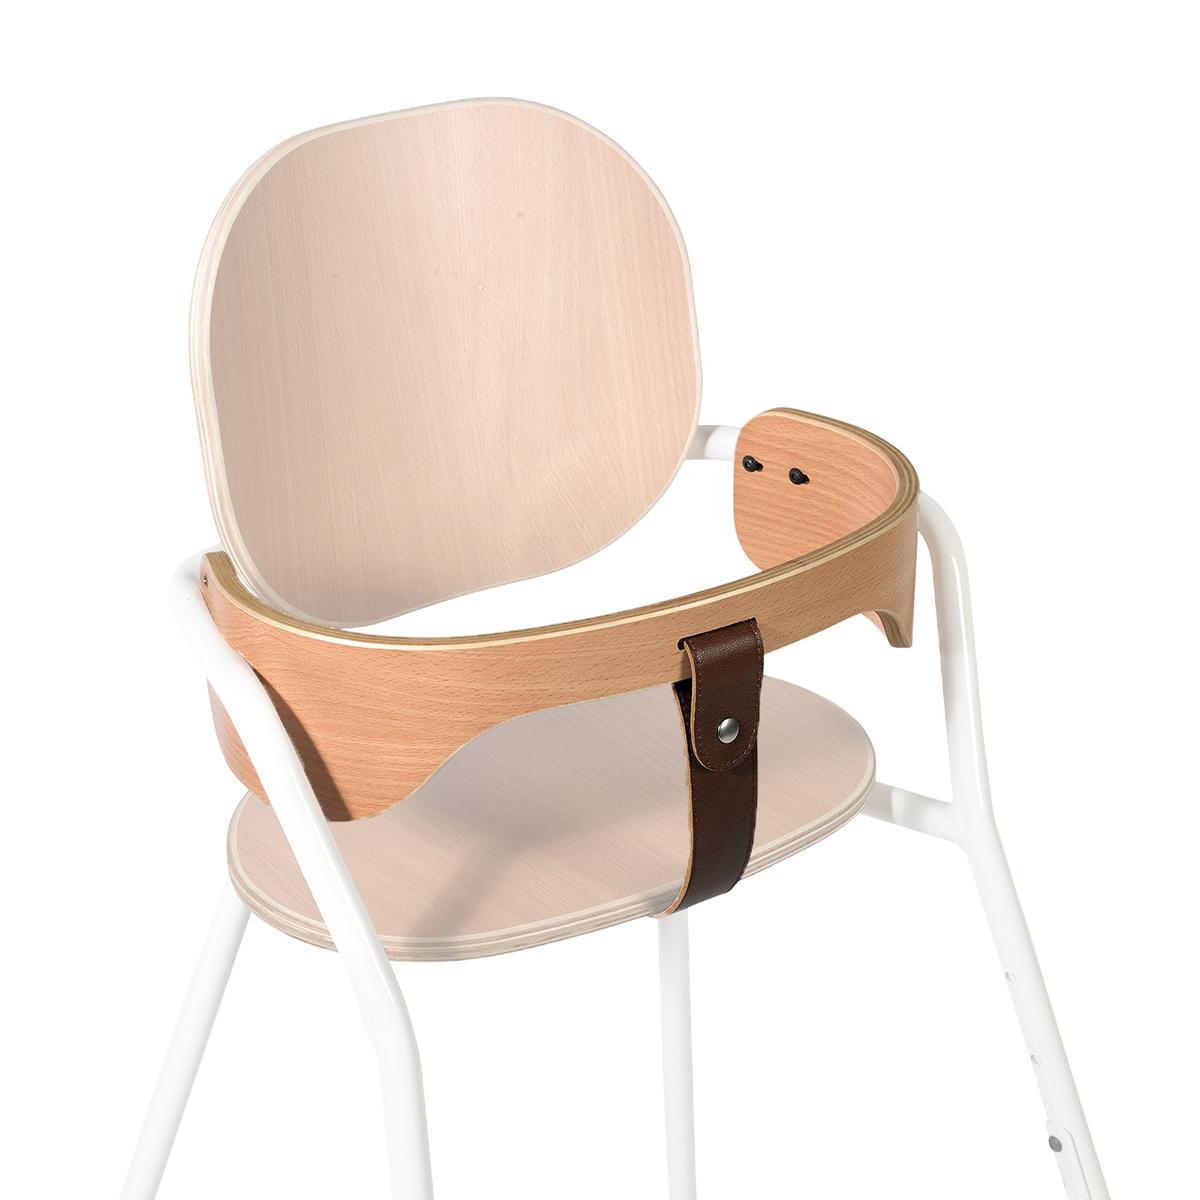 Chaise haute Ceinture et Harnais pour Chaise Haute Tibu - Hêtre Ceinture et Harnais pour Chaise Haute Tibu - Hêtre